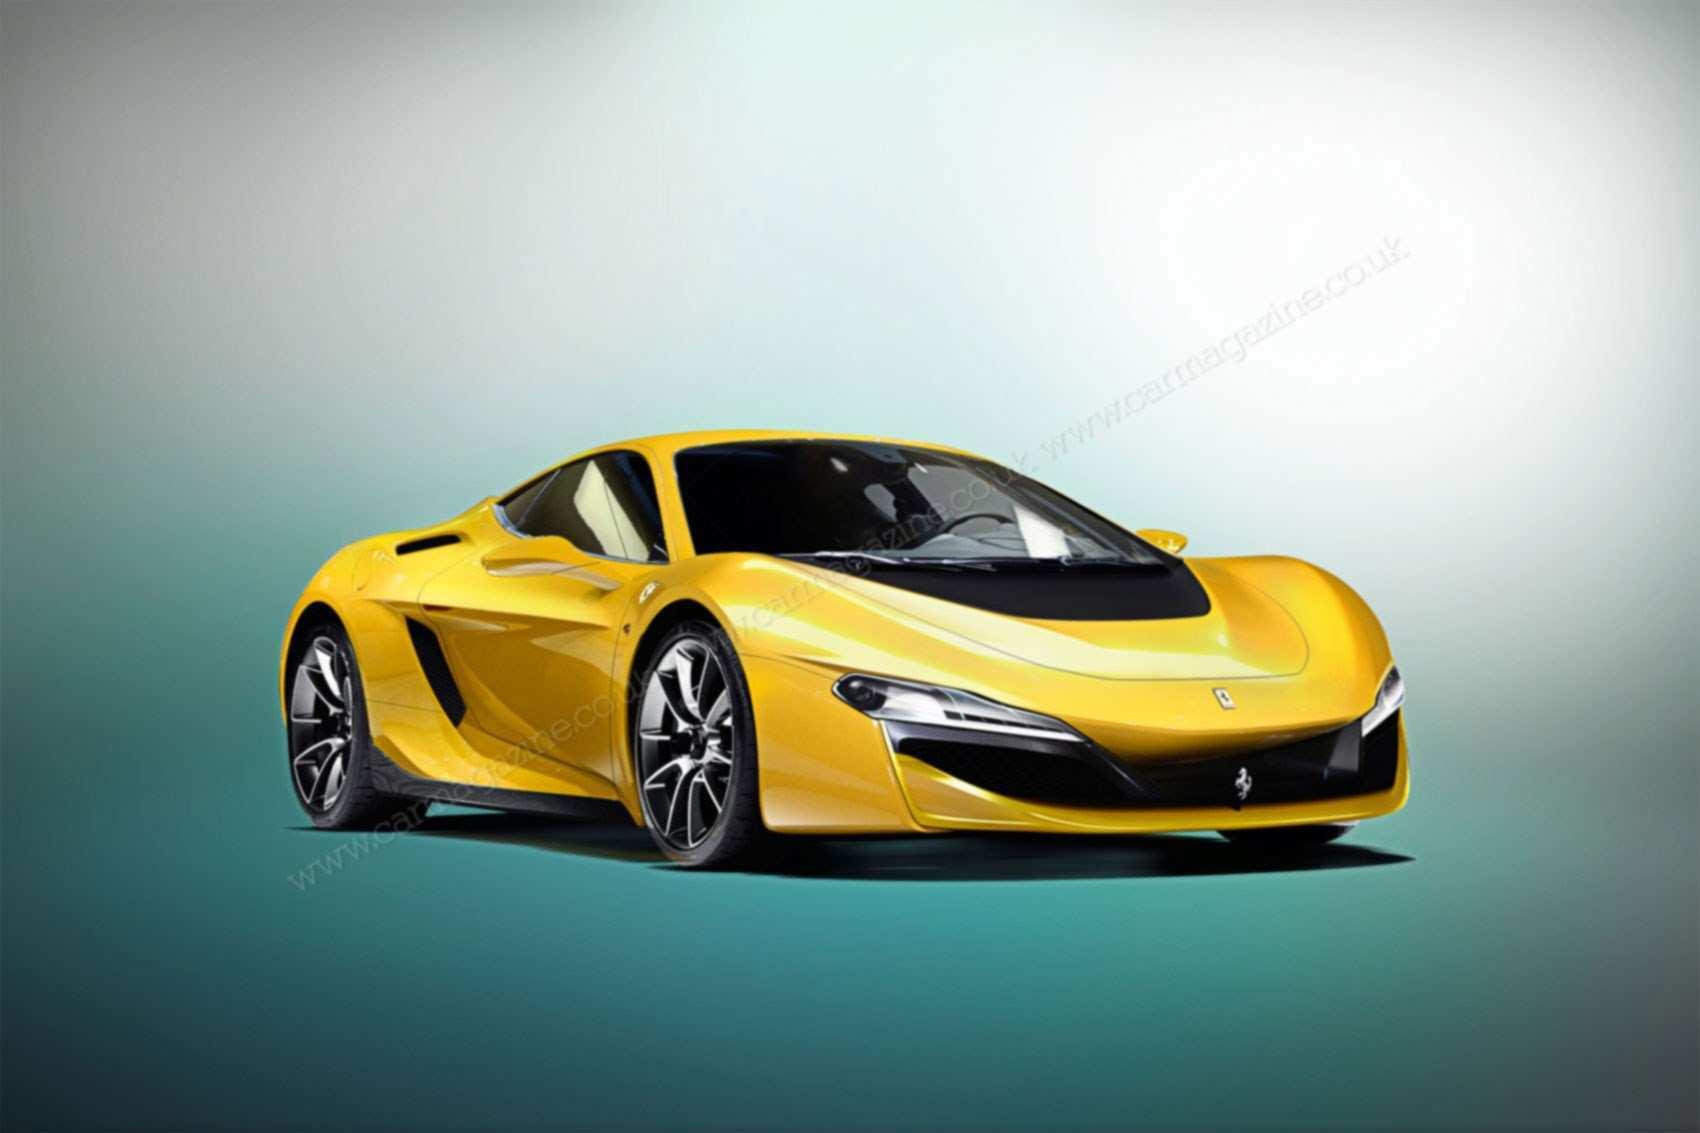 45 Concept of 2020 Ferrari Dino Research New by 2020 Ferrari Dino